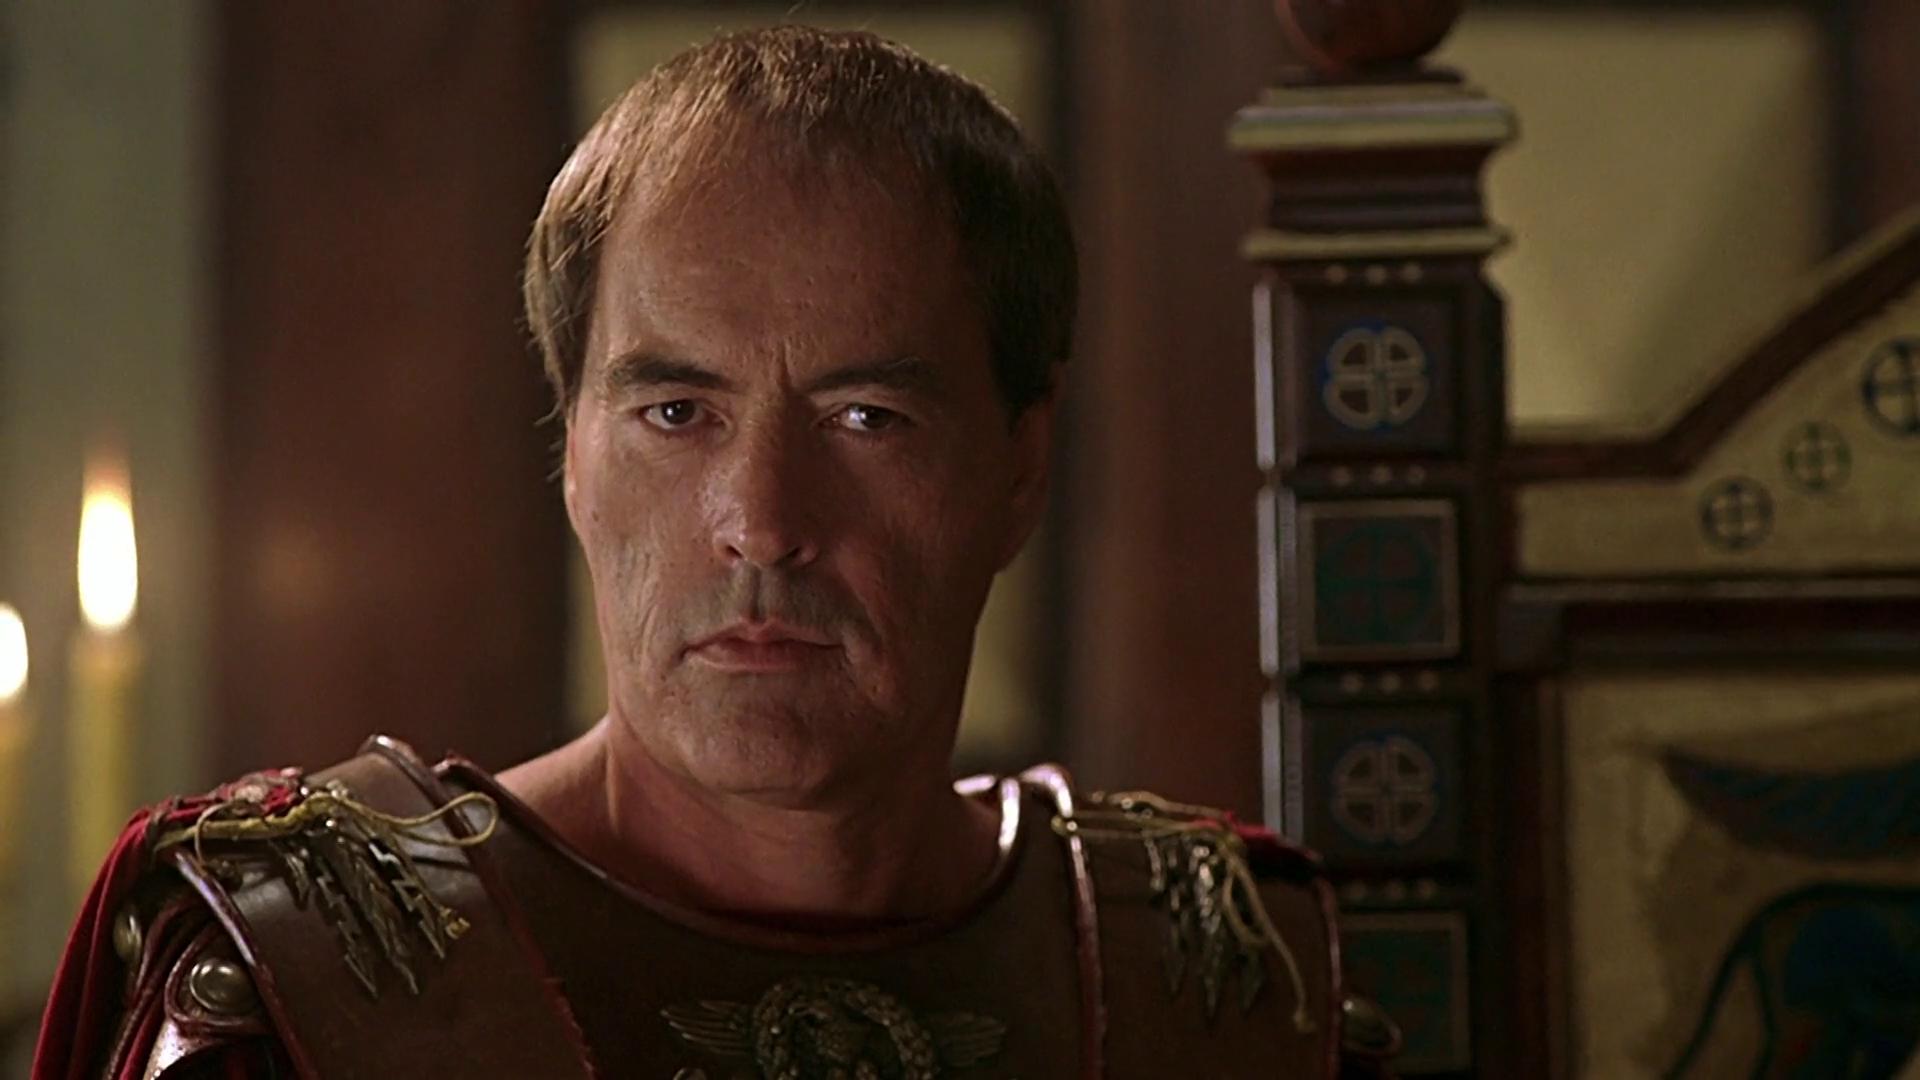 E5FllZou - Atila: Rey De Los Hunos [BDrip 1080p] [Dual Ac3 Esp-Eng+Subs] [Aventuras-Antigua Roma] [2001]